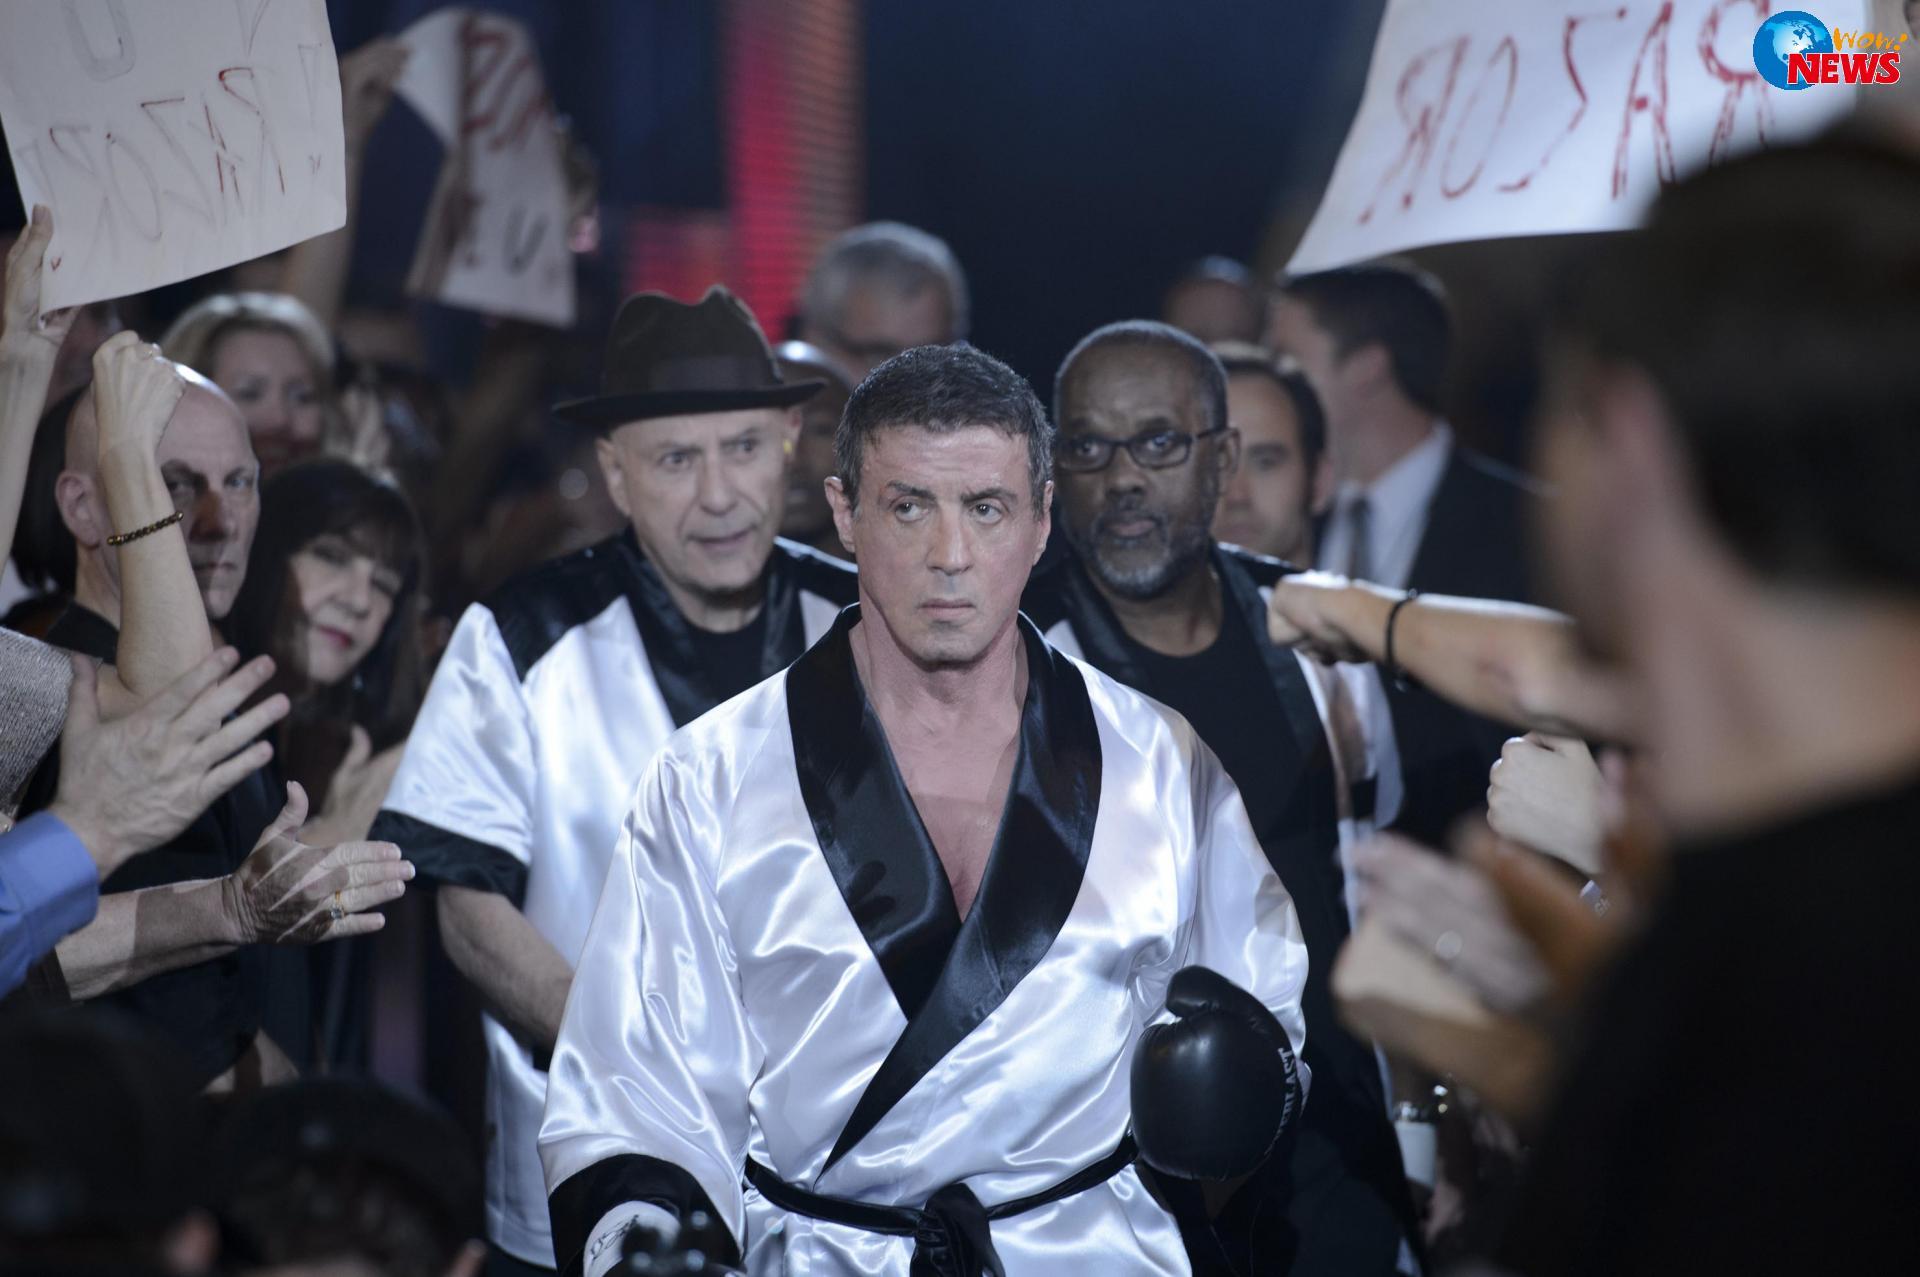 席維斯史特龍鍛鍊拳擊手完美體態靠拉卡車、浸馬尿